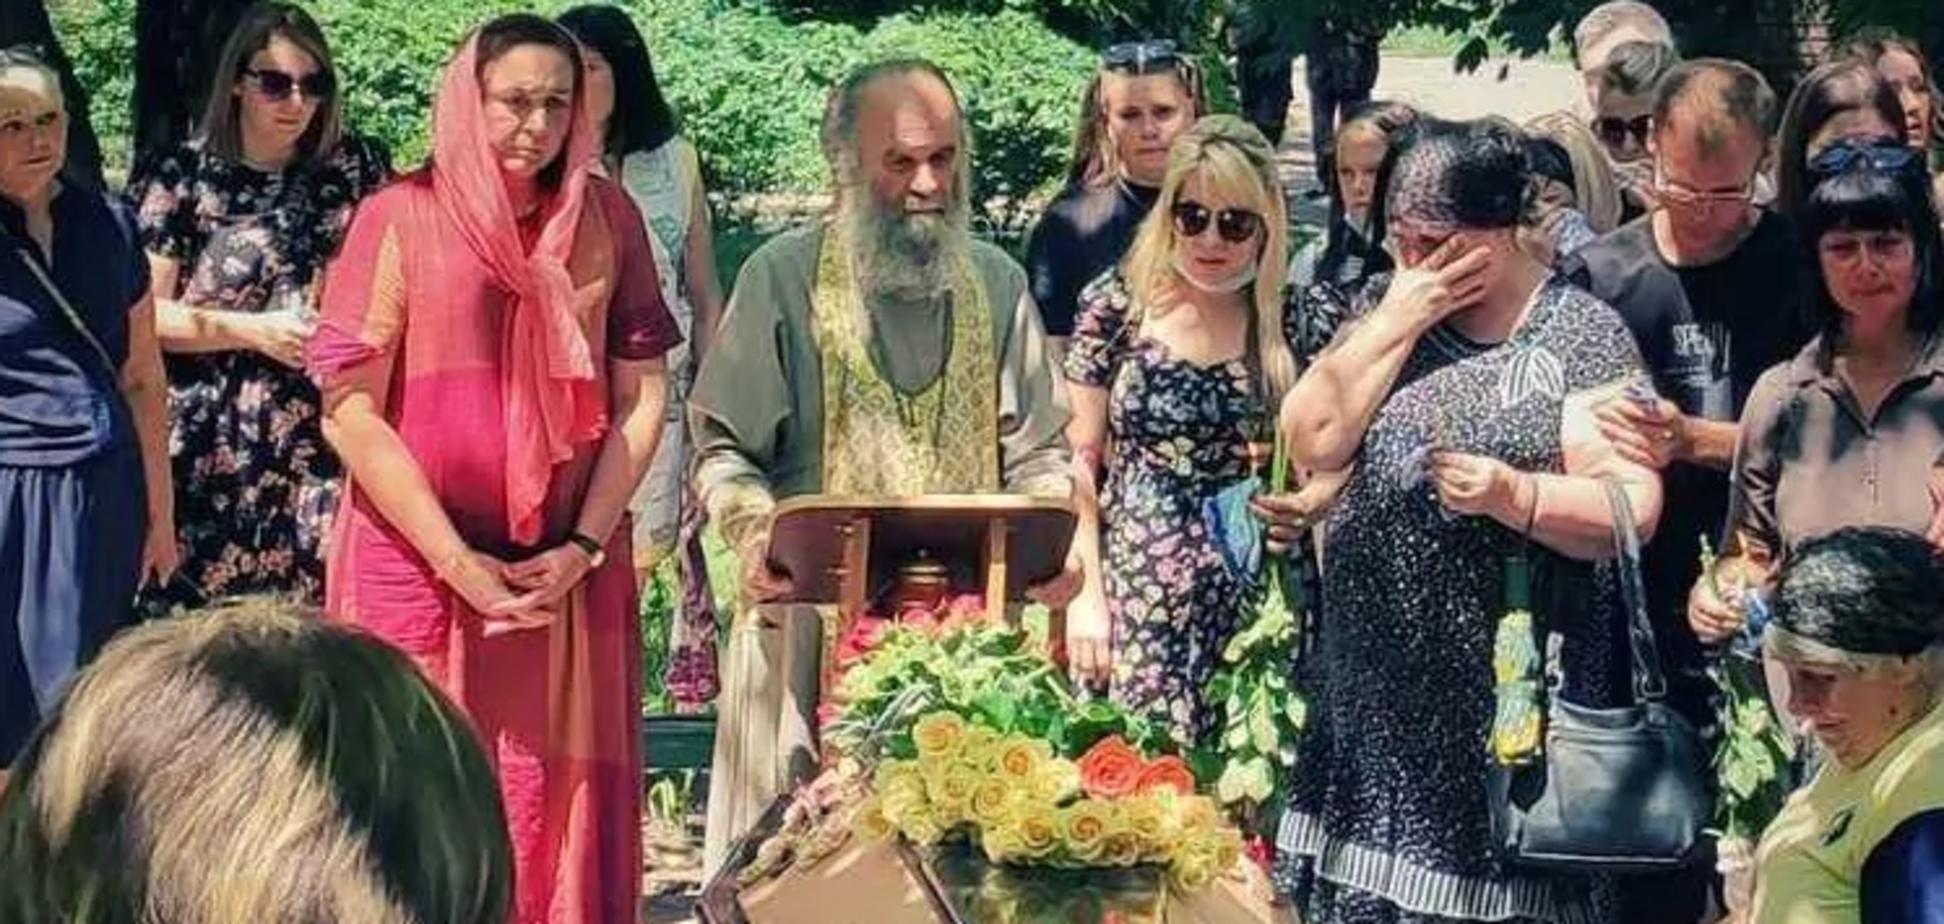 В Никополе похоронили 15-летнюю Настю Карнаух, которую убил ровесник месяц назад. Фото